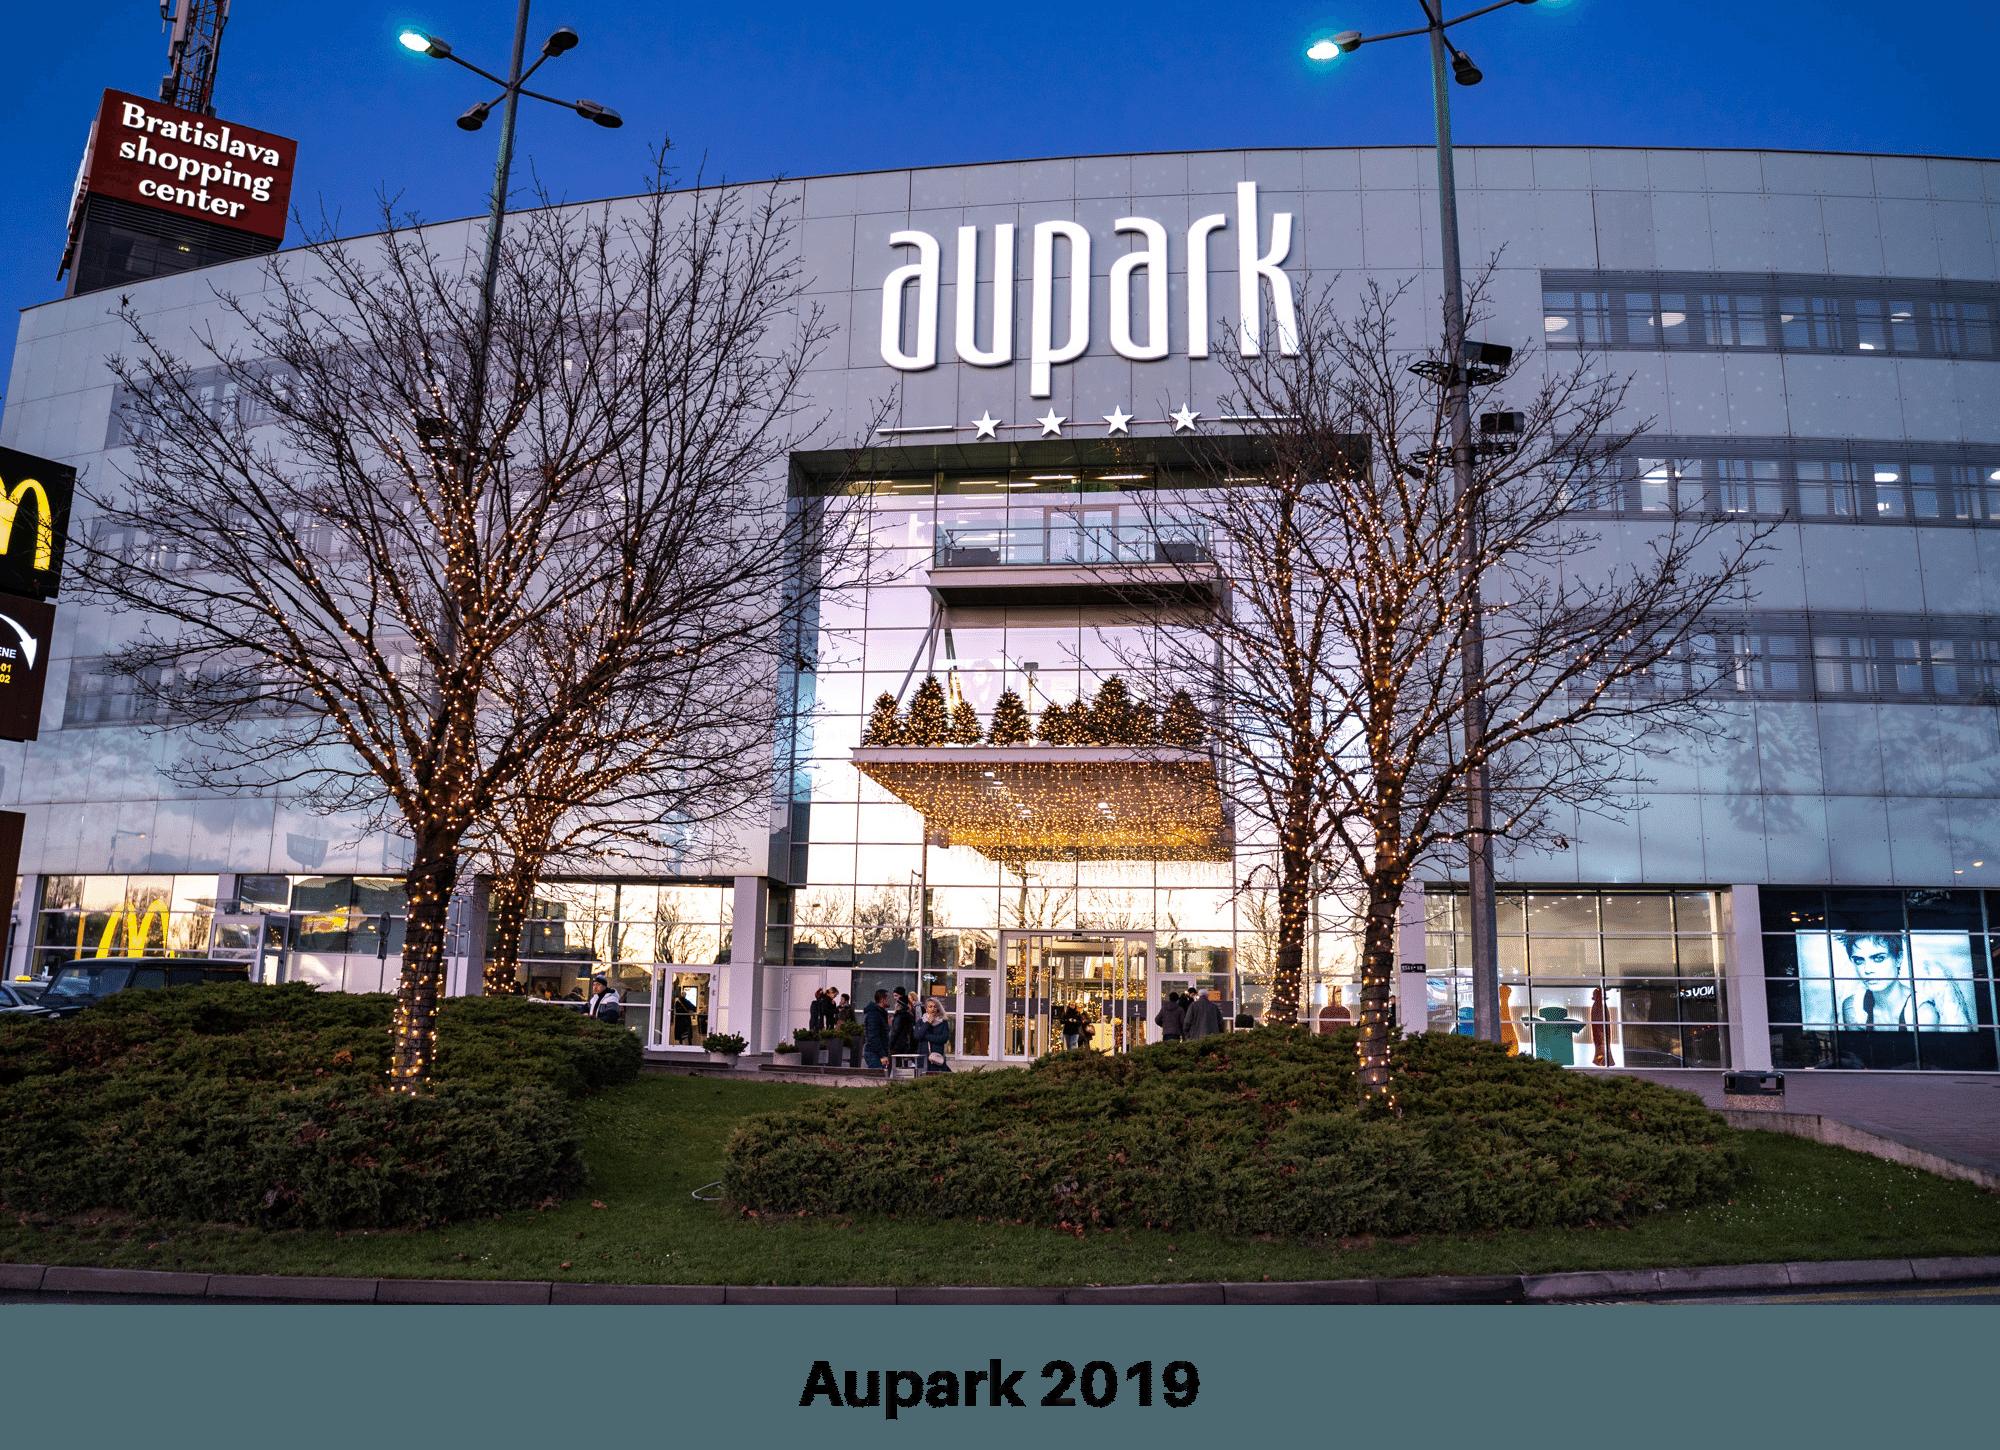 Aupark 2019